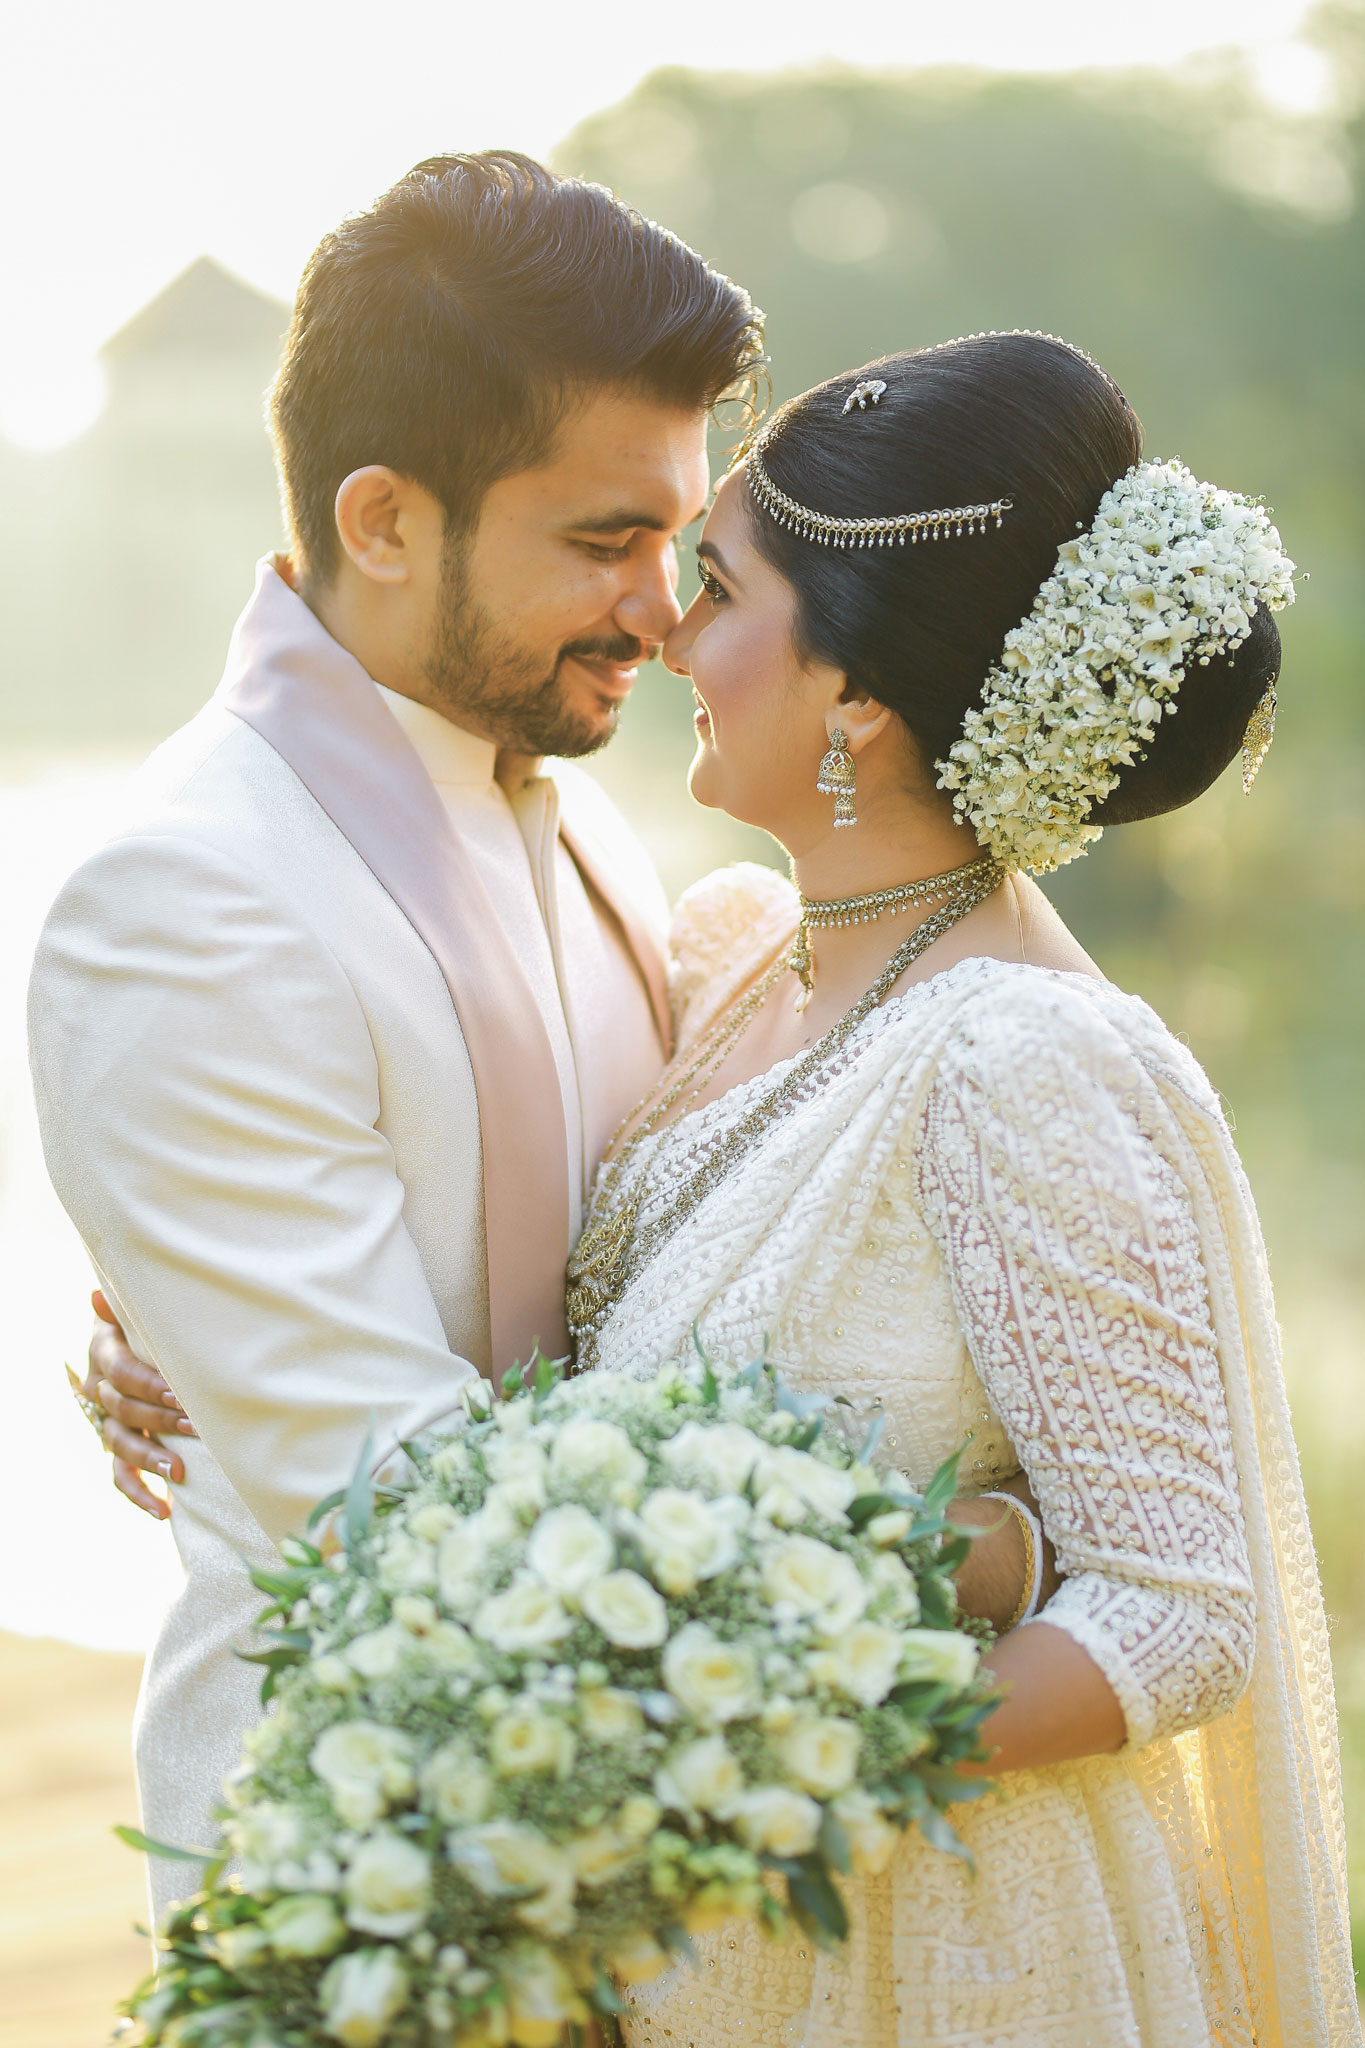 Imesha & Damith - Prabath Kanishka Wedding Photography